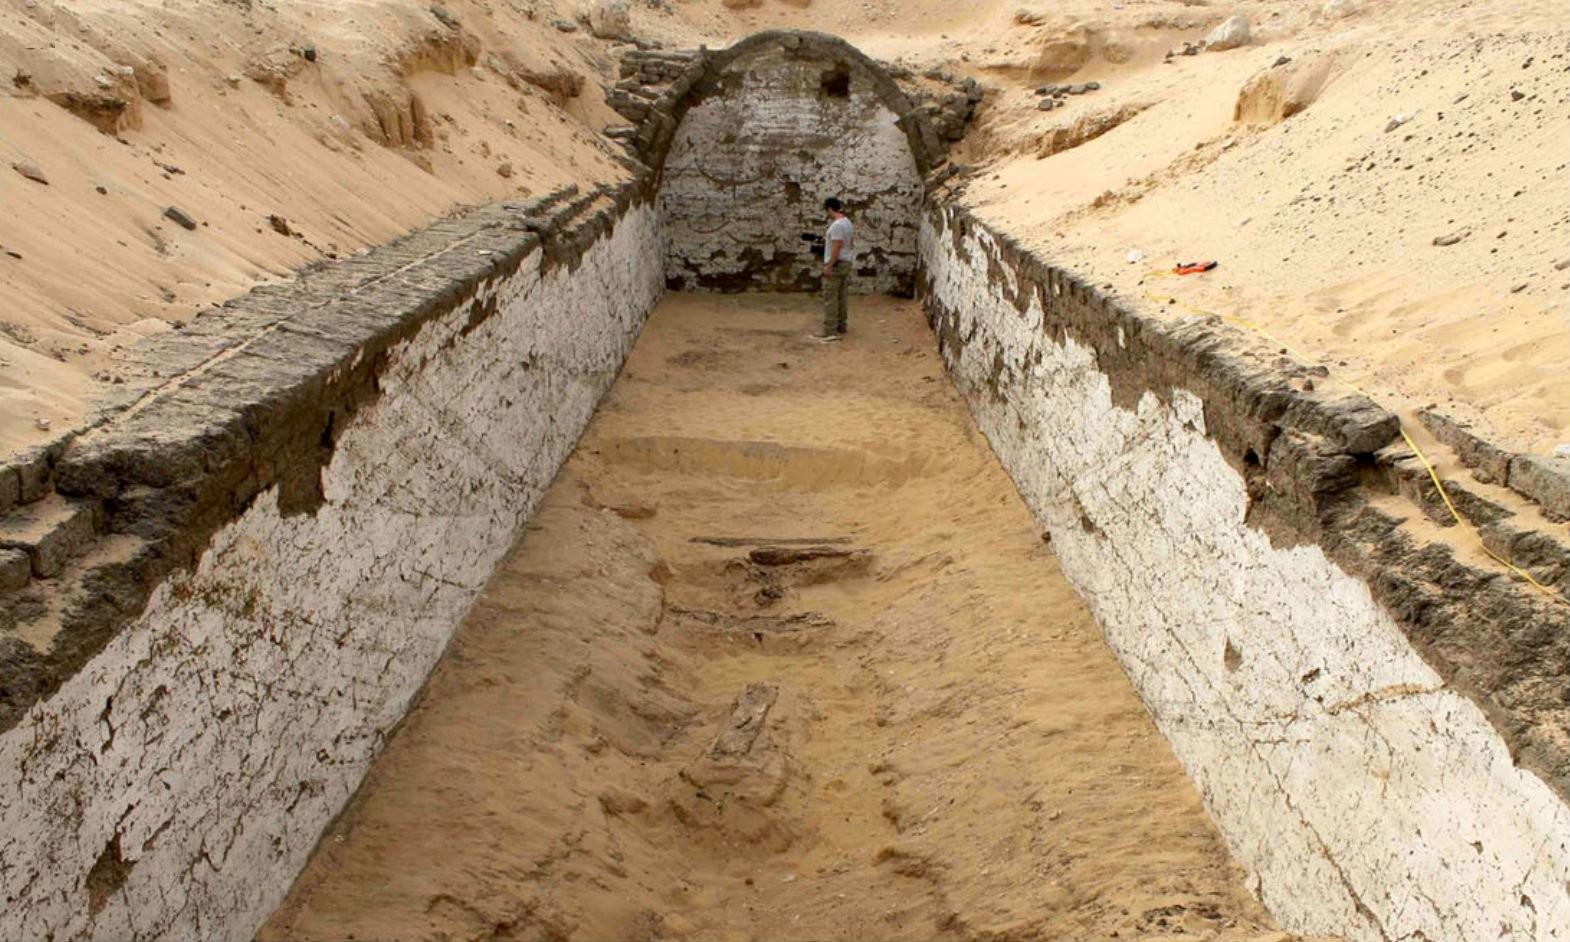 Arqueólogos descobrem tumba com barco que pertencia a faraó egípcio